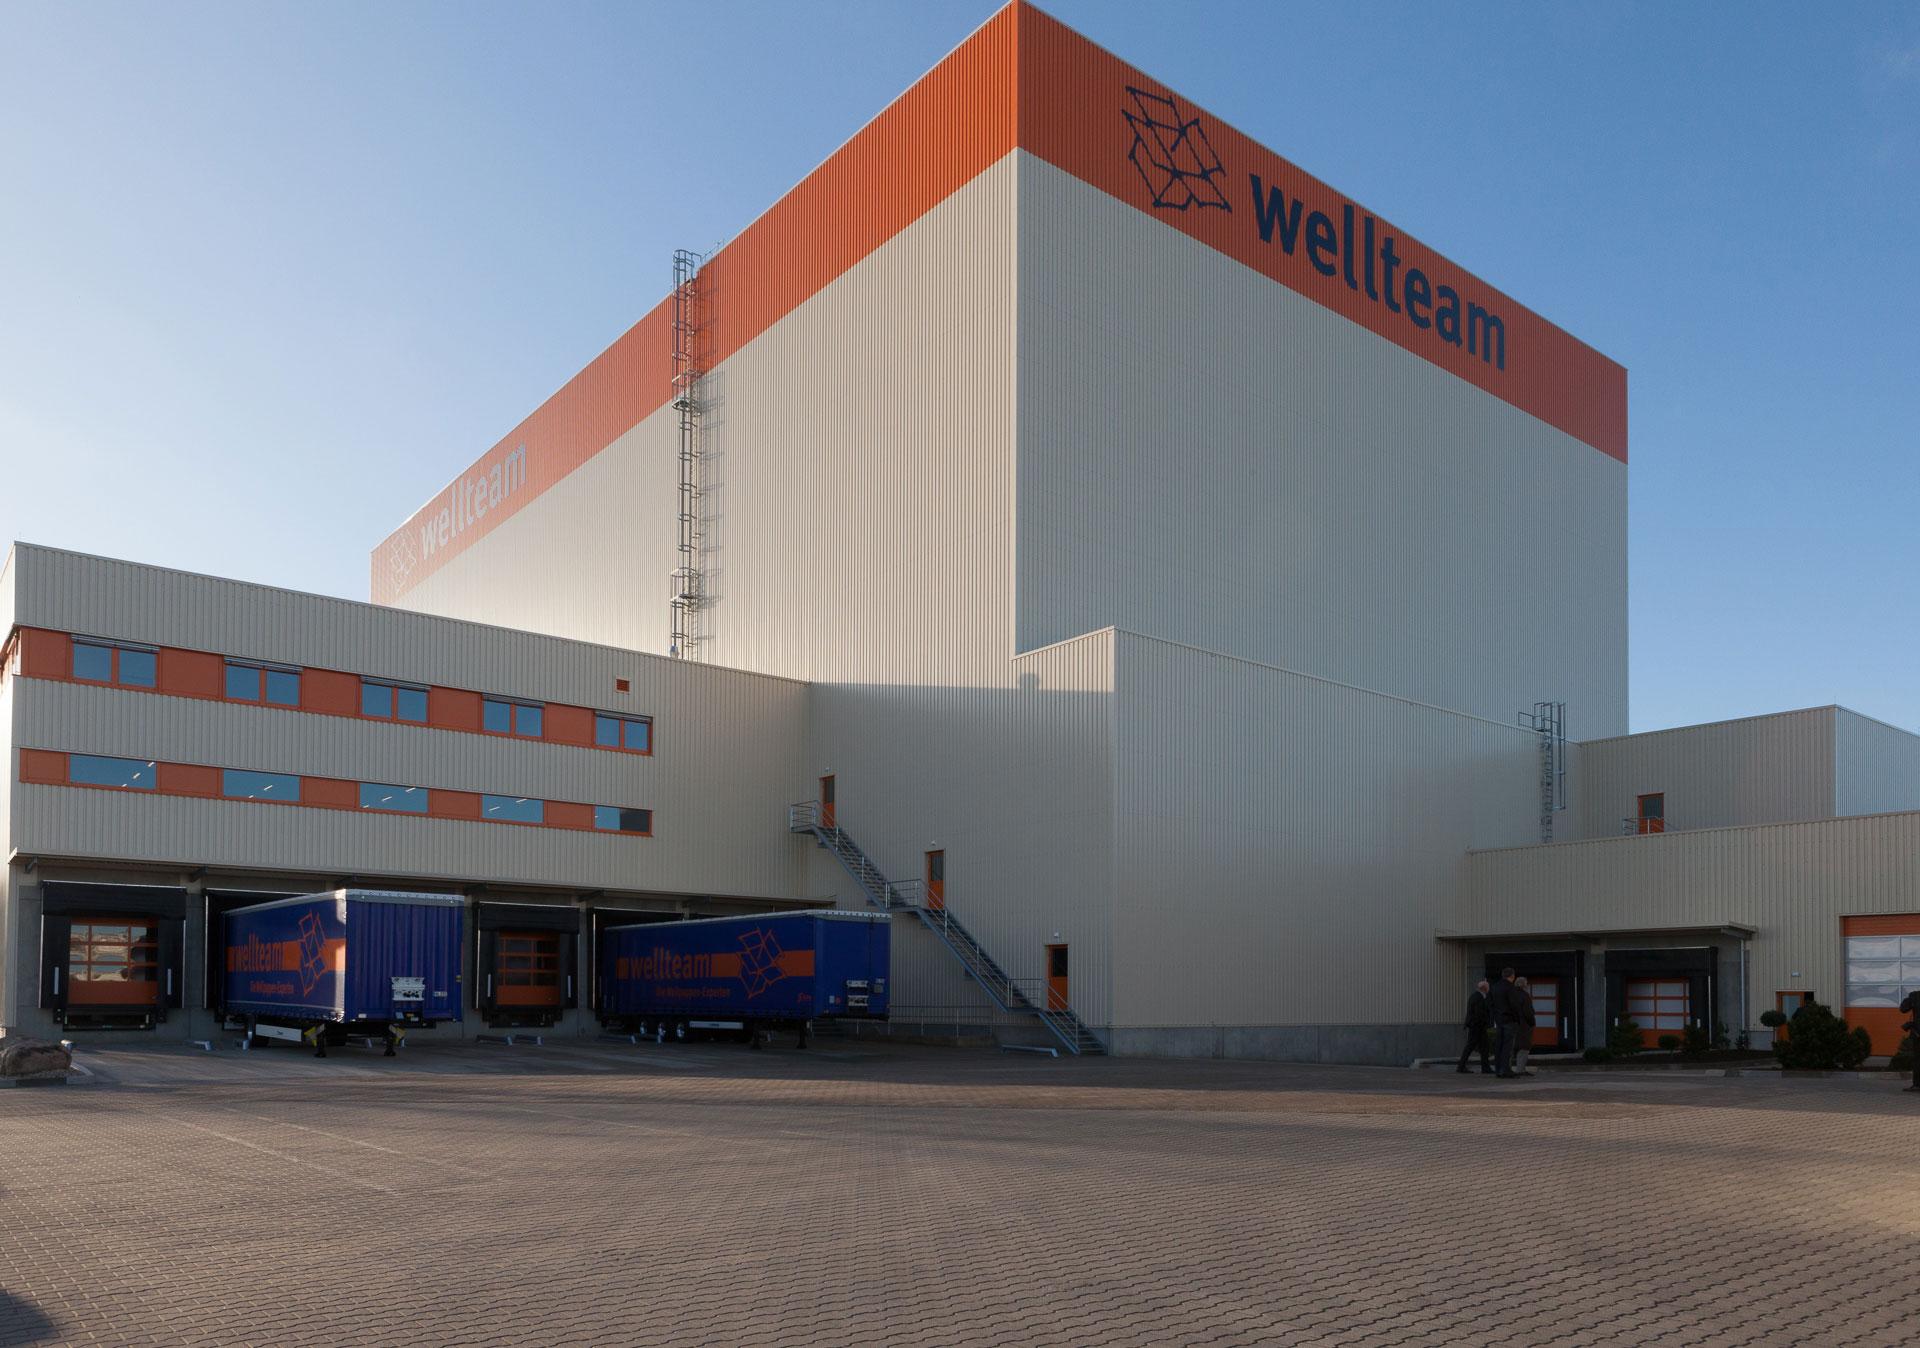 Architekt und Generalplanung PODUFAL-WIEHOFSKY , Hochregallager Firma Wellteam in Herford